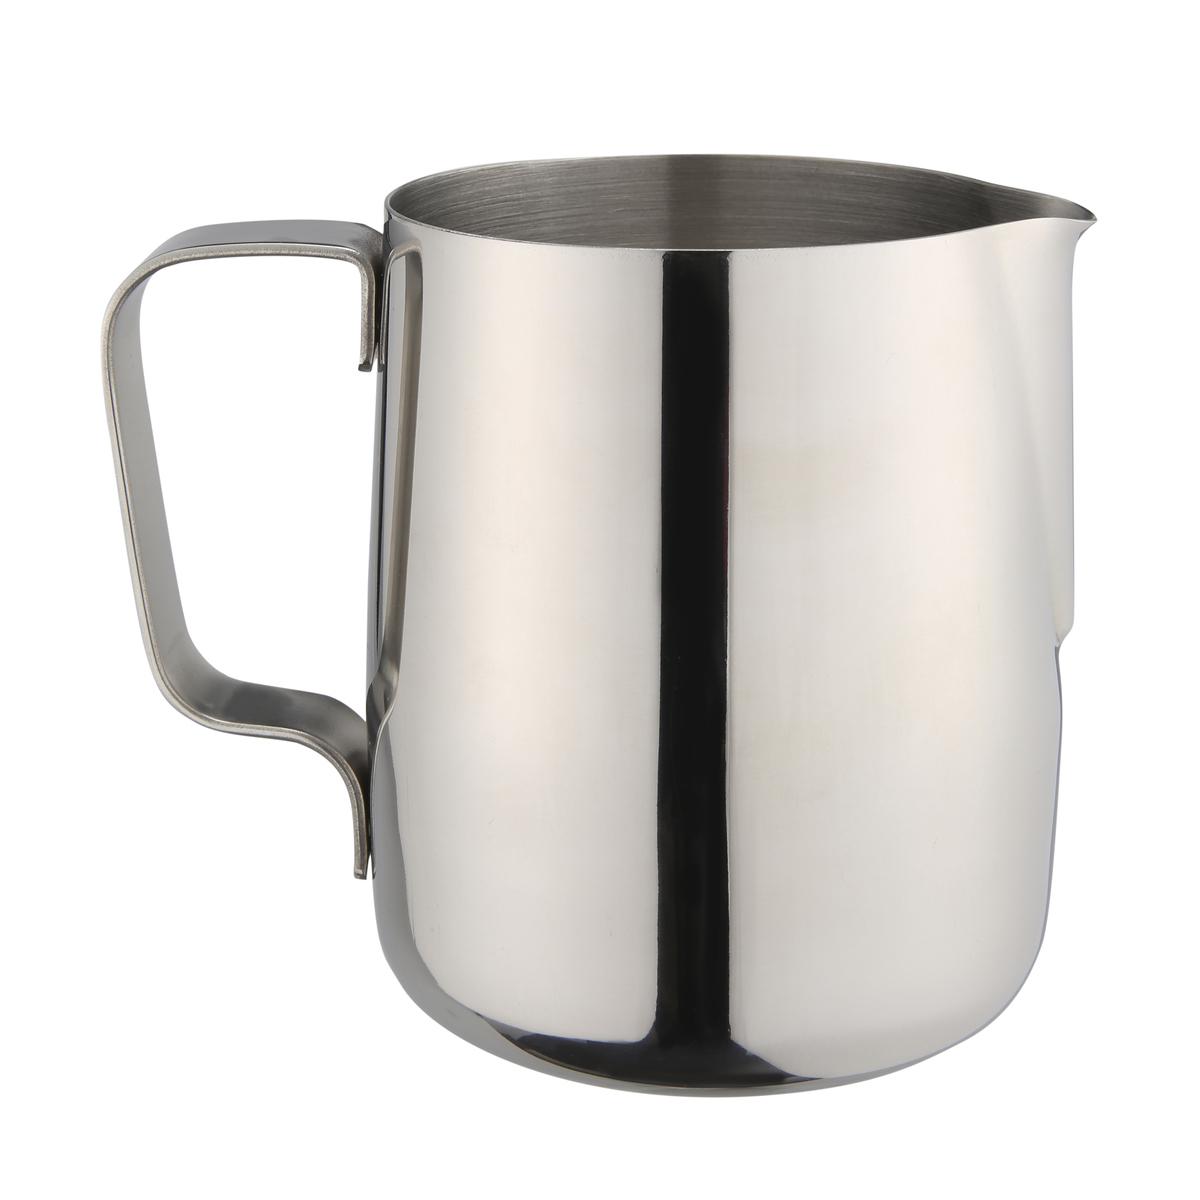 stainless steel milk jug kmart. Black Bedroom Furniture Sets. Home Design Ideas